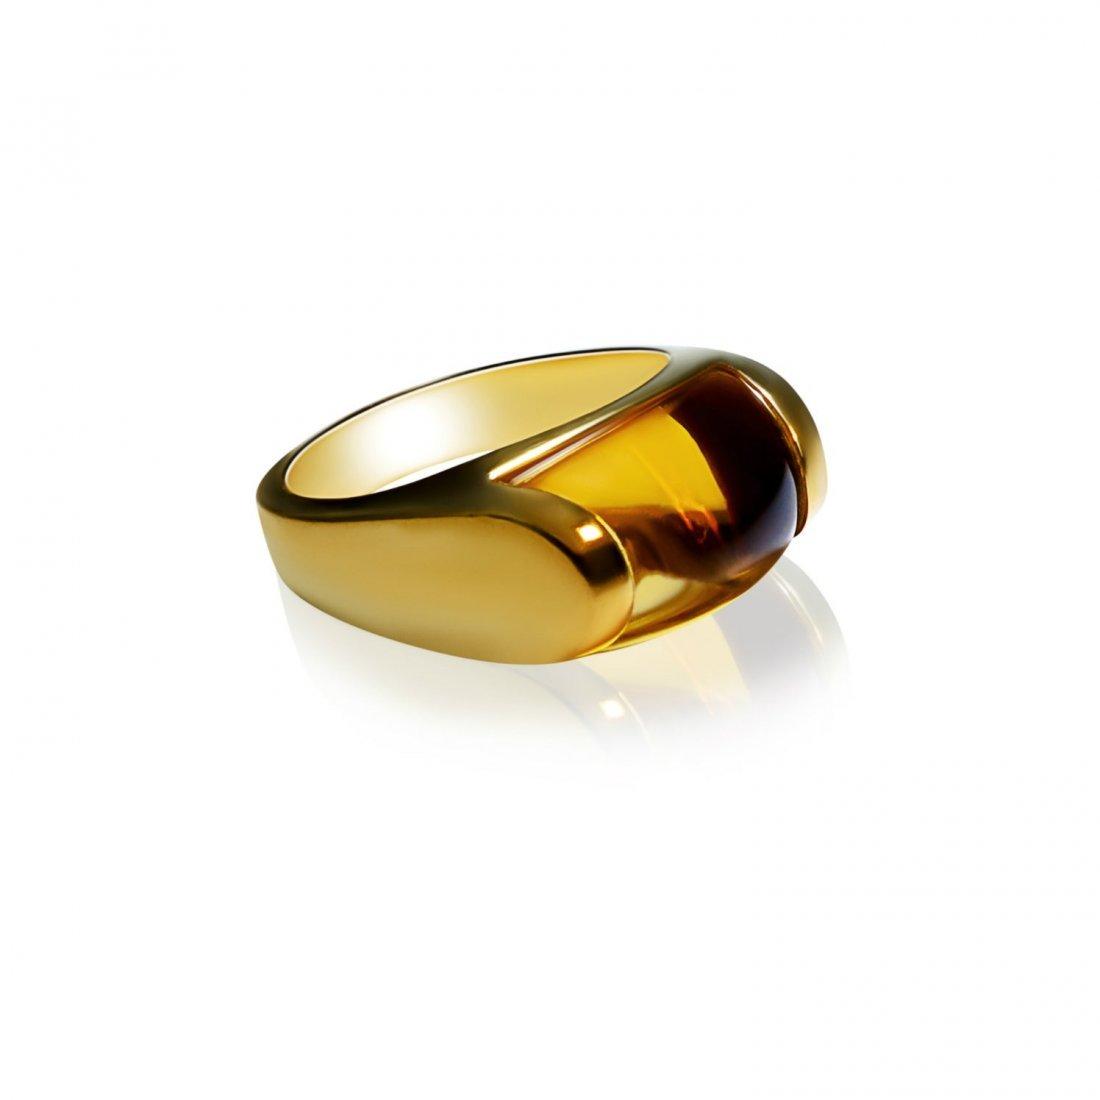 Bulgari 18K Yellow Gold and Citrine Ring